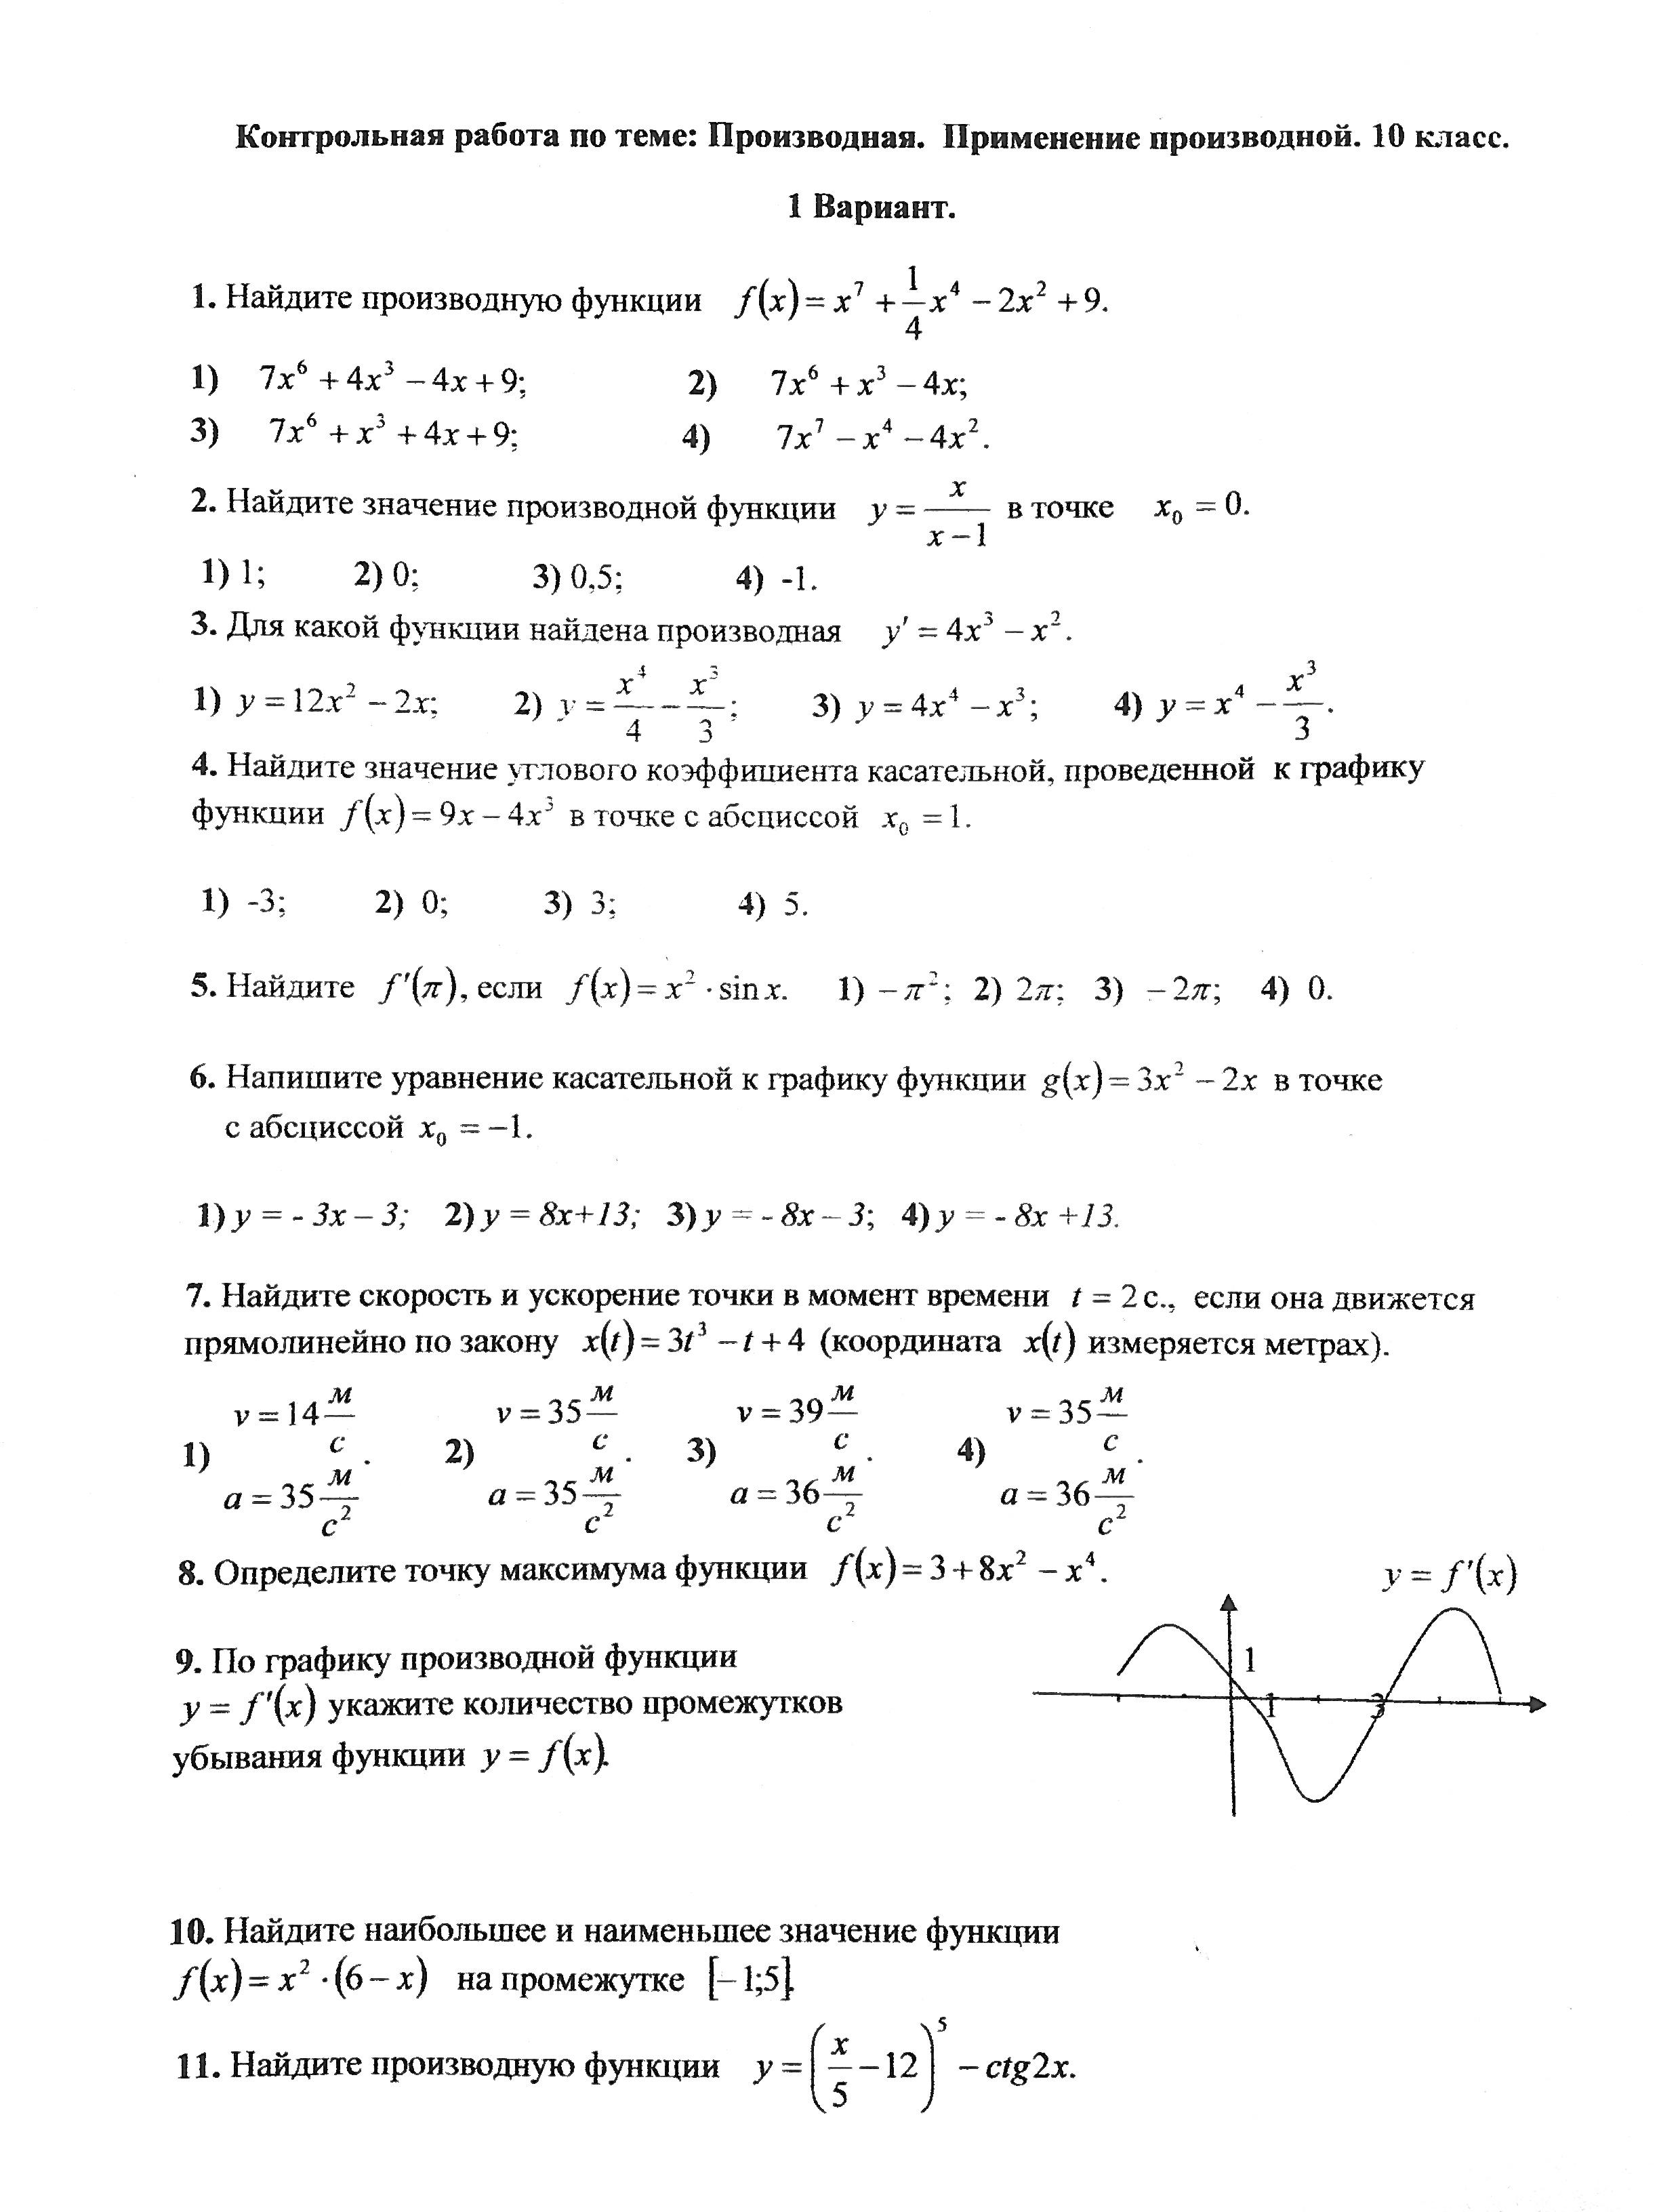 Контрольные работы по математике степенные функции 6663